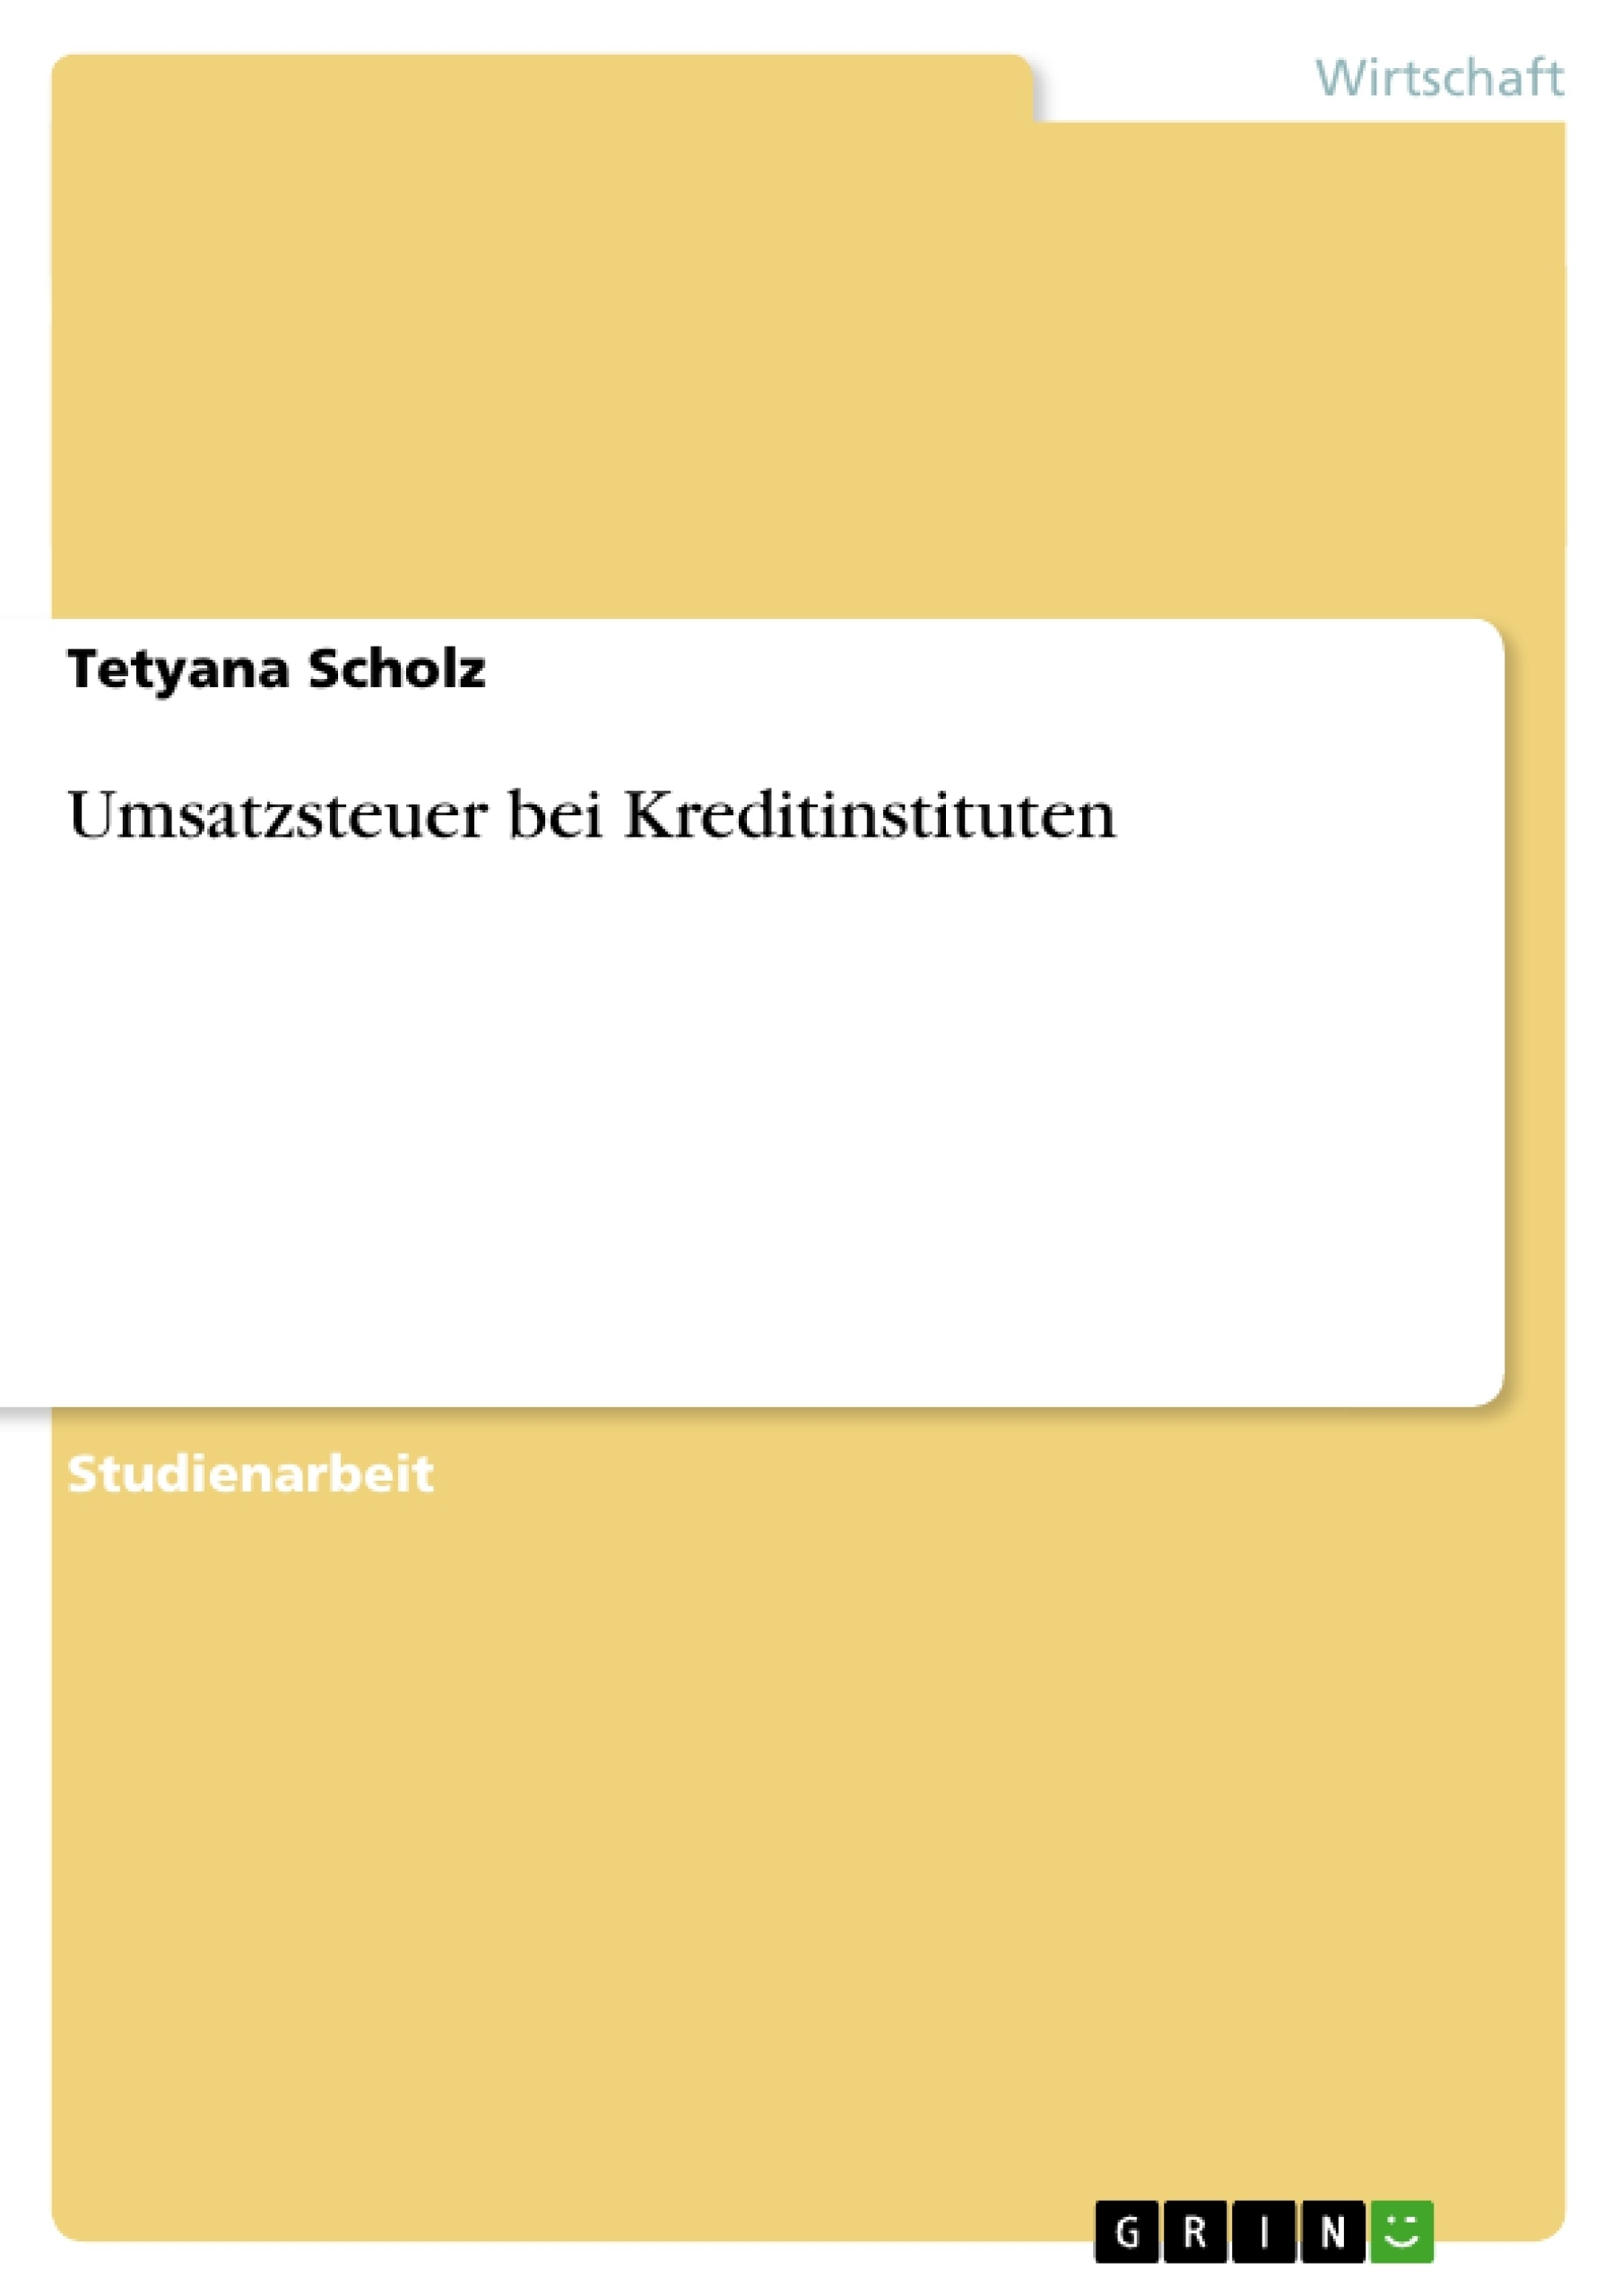 Titel: Umsatzsteuer bei Kreditinstituten